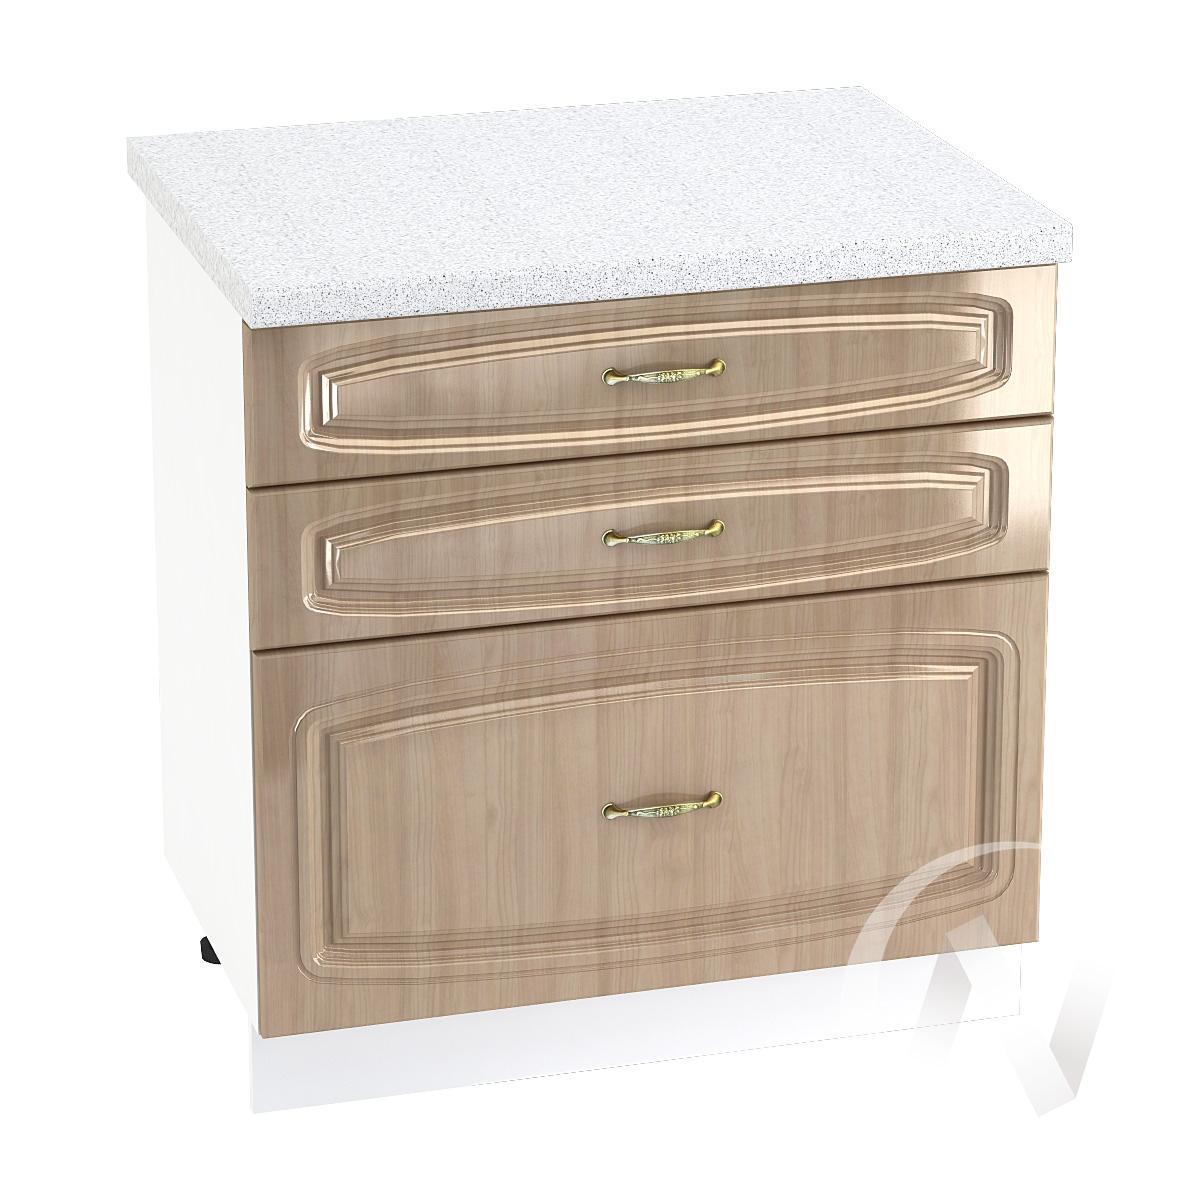 """Кухня """"Сити"""": Шкаф нижний с 3-мя ящиками 800, ШН3Я 800 (корпус белый)"""